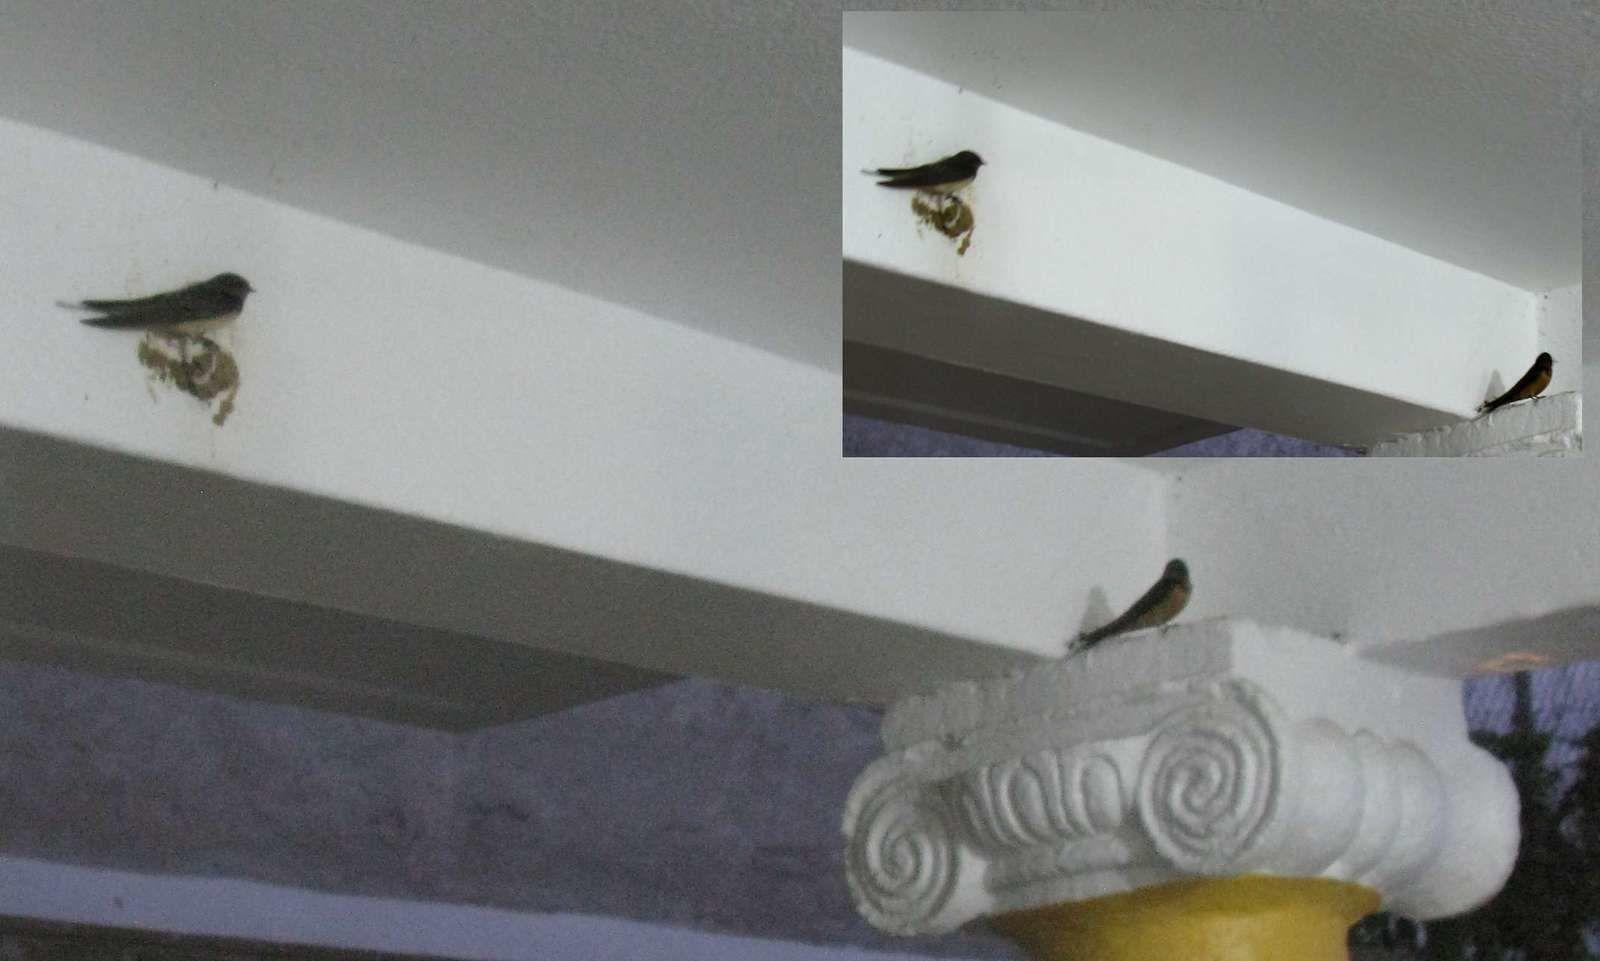 La terrasse de Cuernavaca serait-elle en train de devenir une volière ? Hirondelles et roselins...